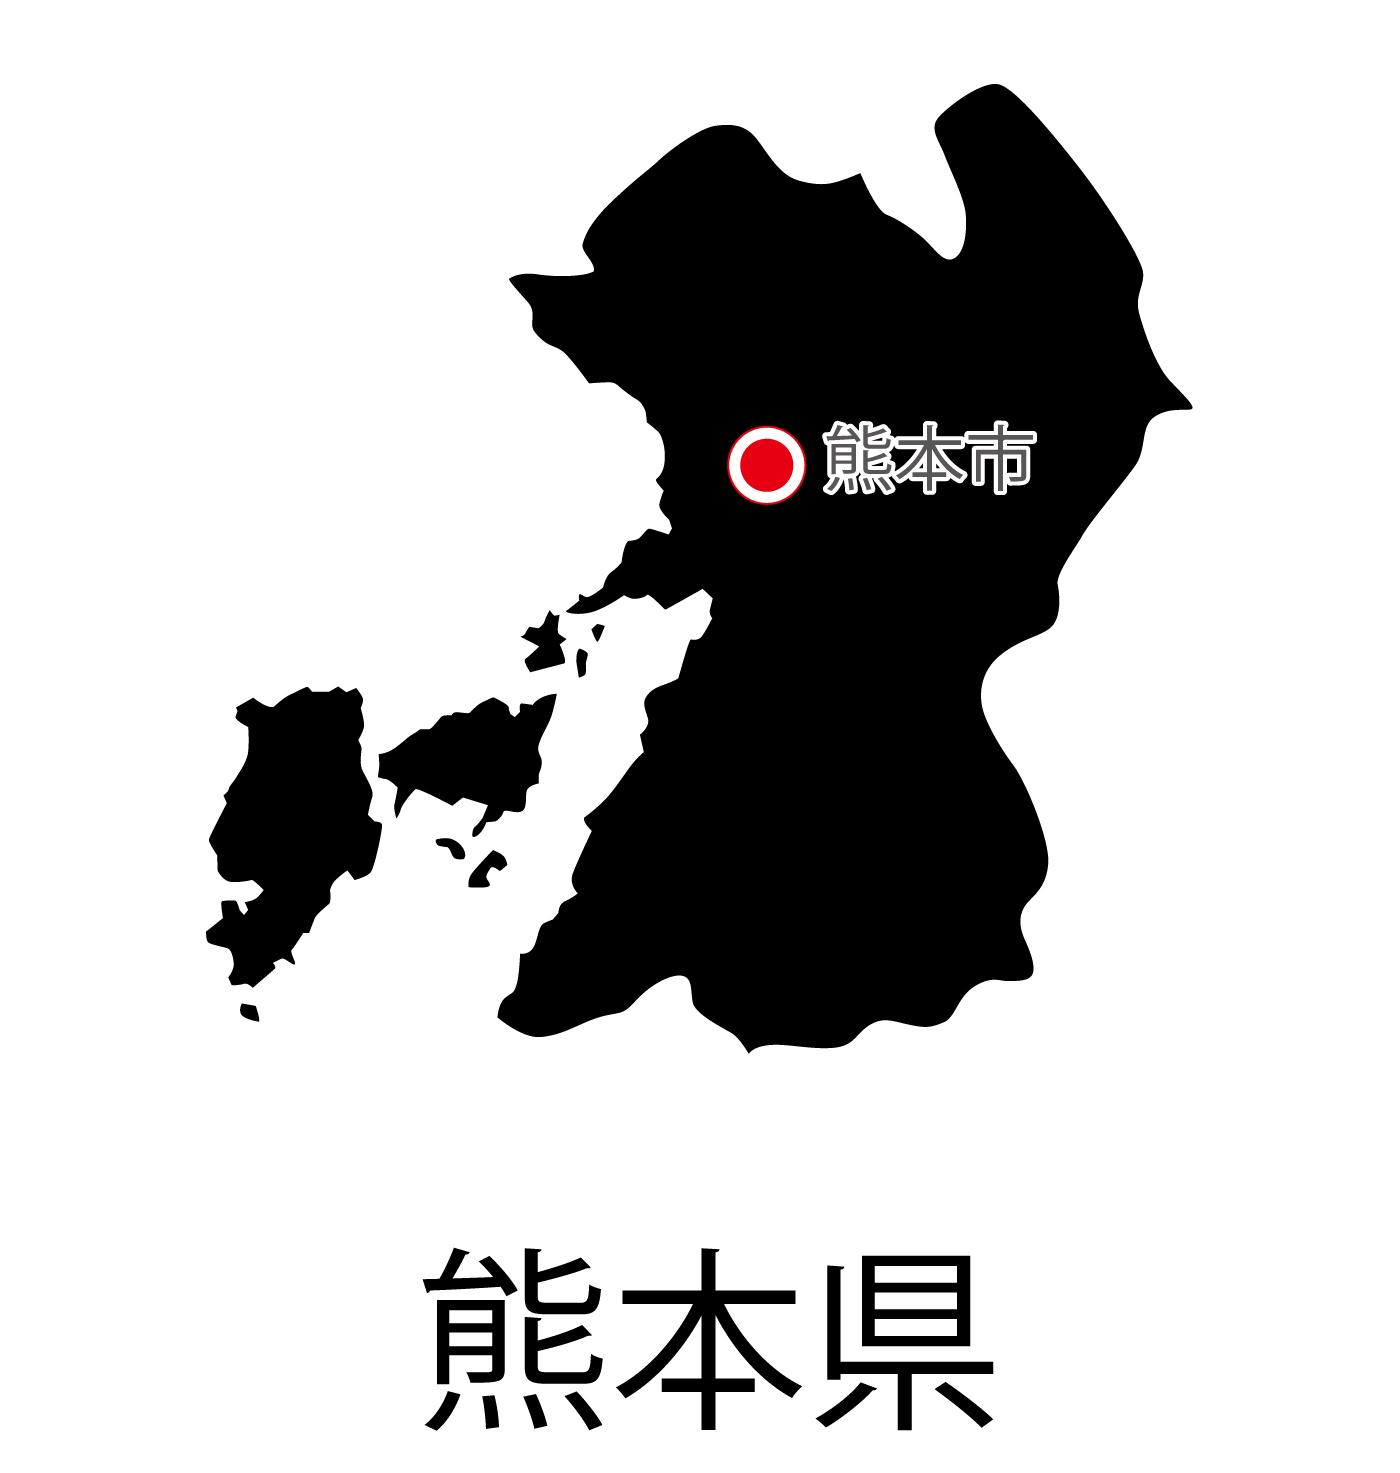 熊本県無料フリーイラスト|日本語・都道府県名あり・県庁所在地あり(黒)